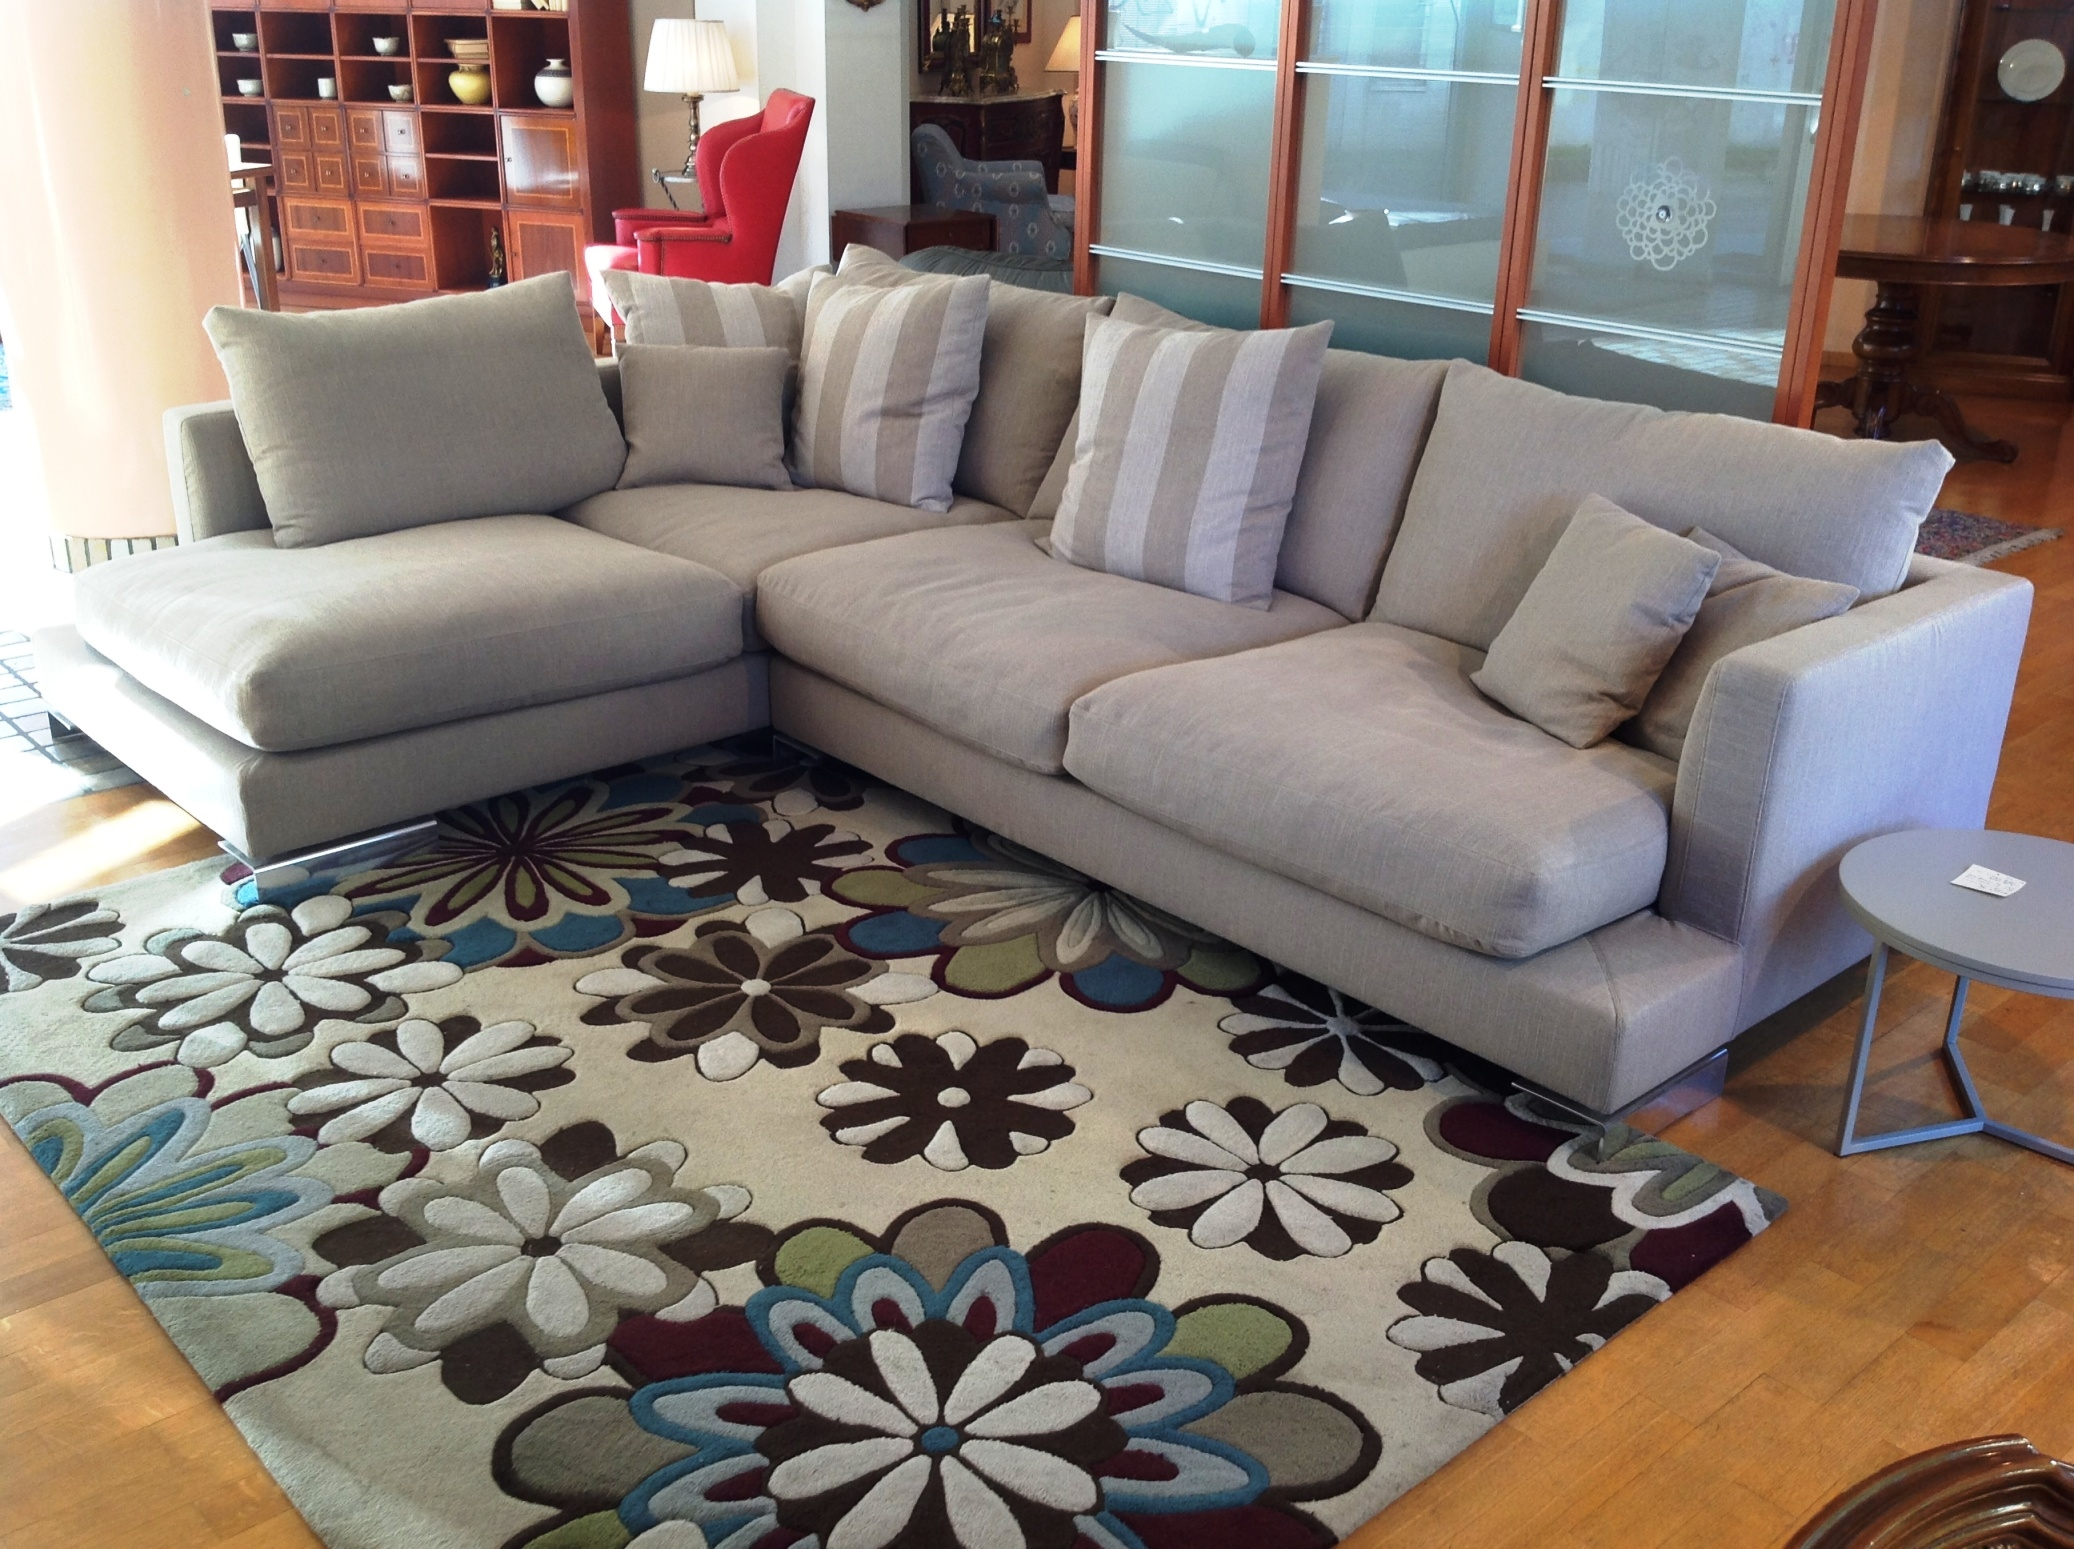 Divani bianchi angolari: divani neri in pelle articoli per set ...